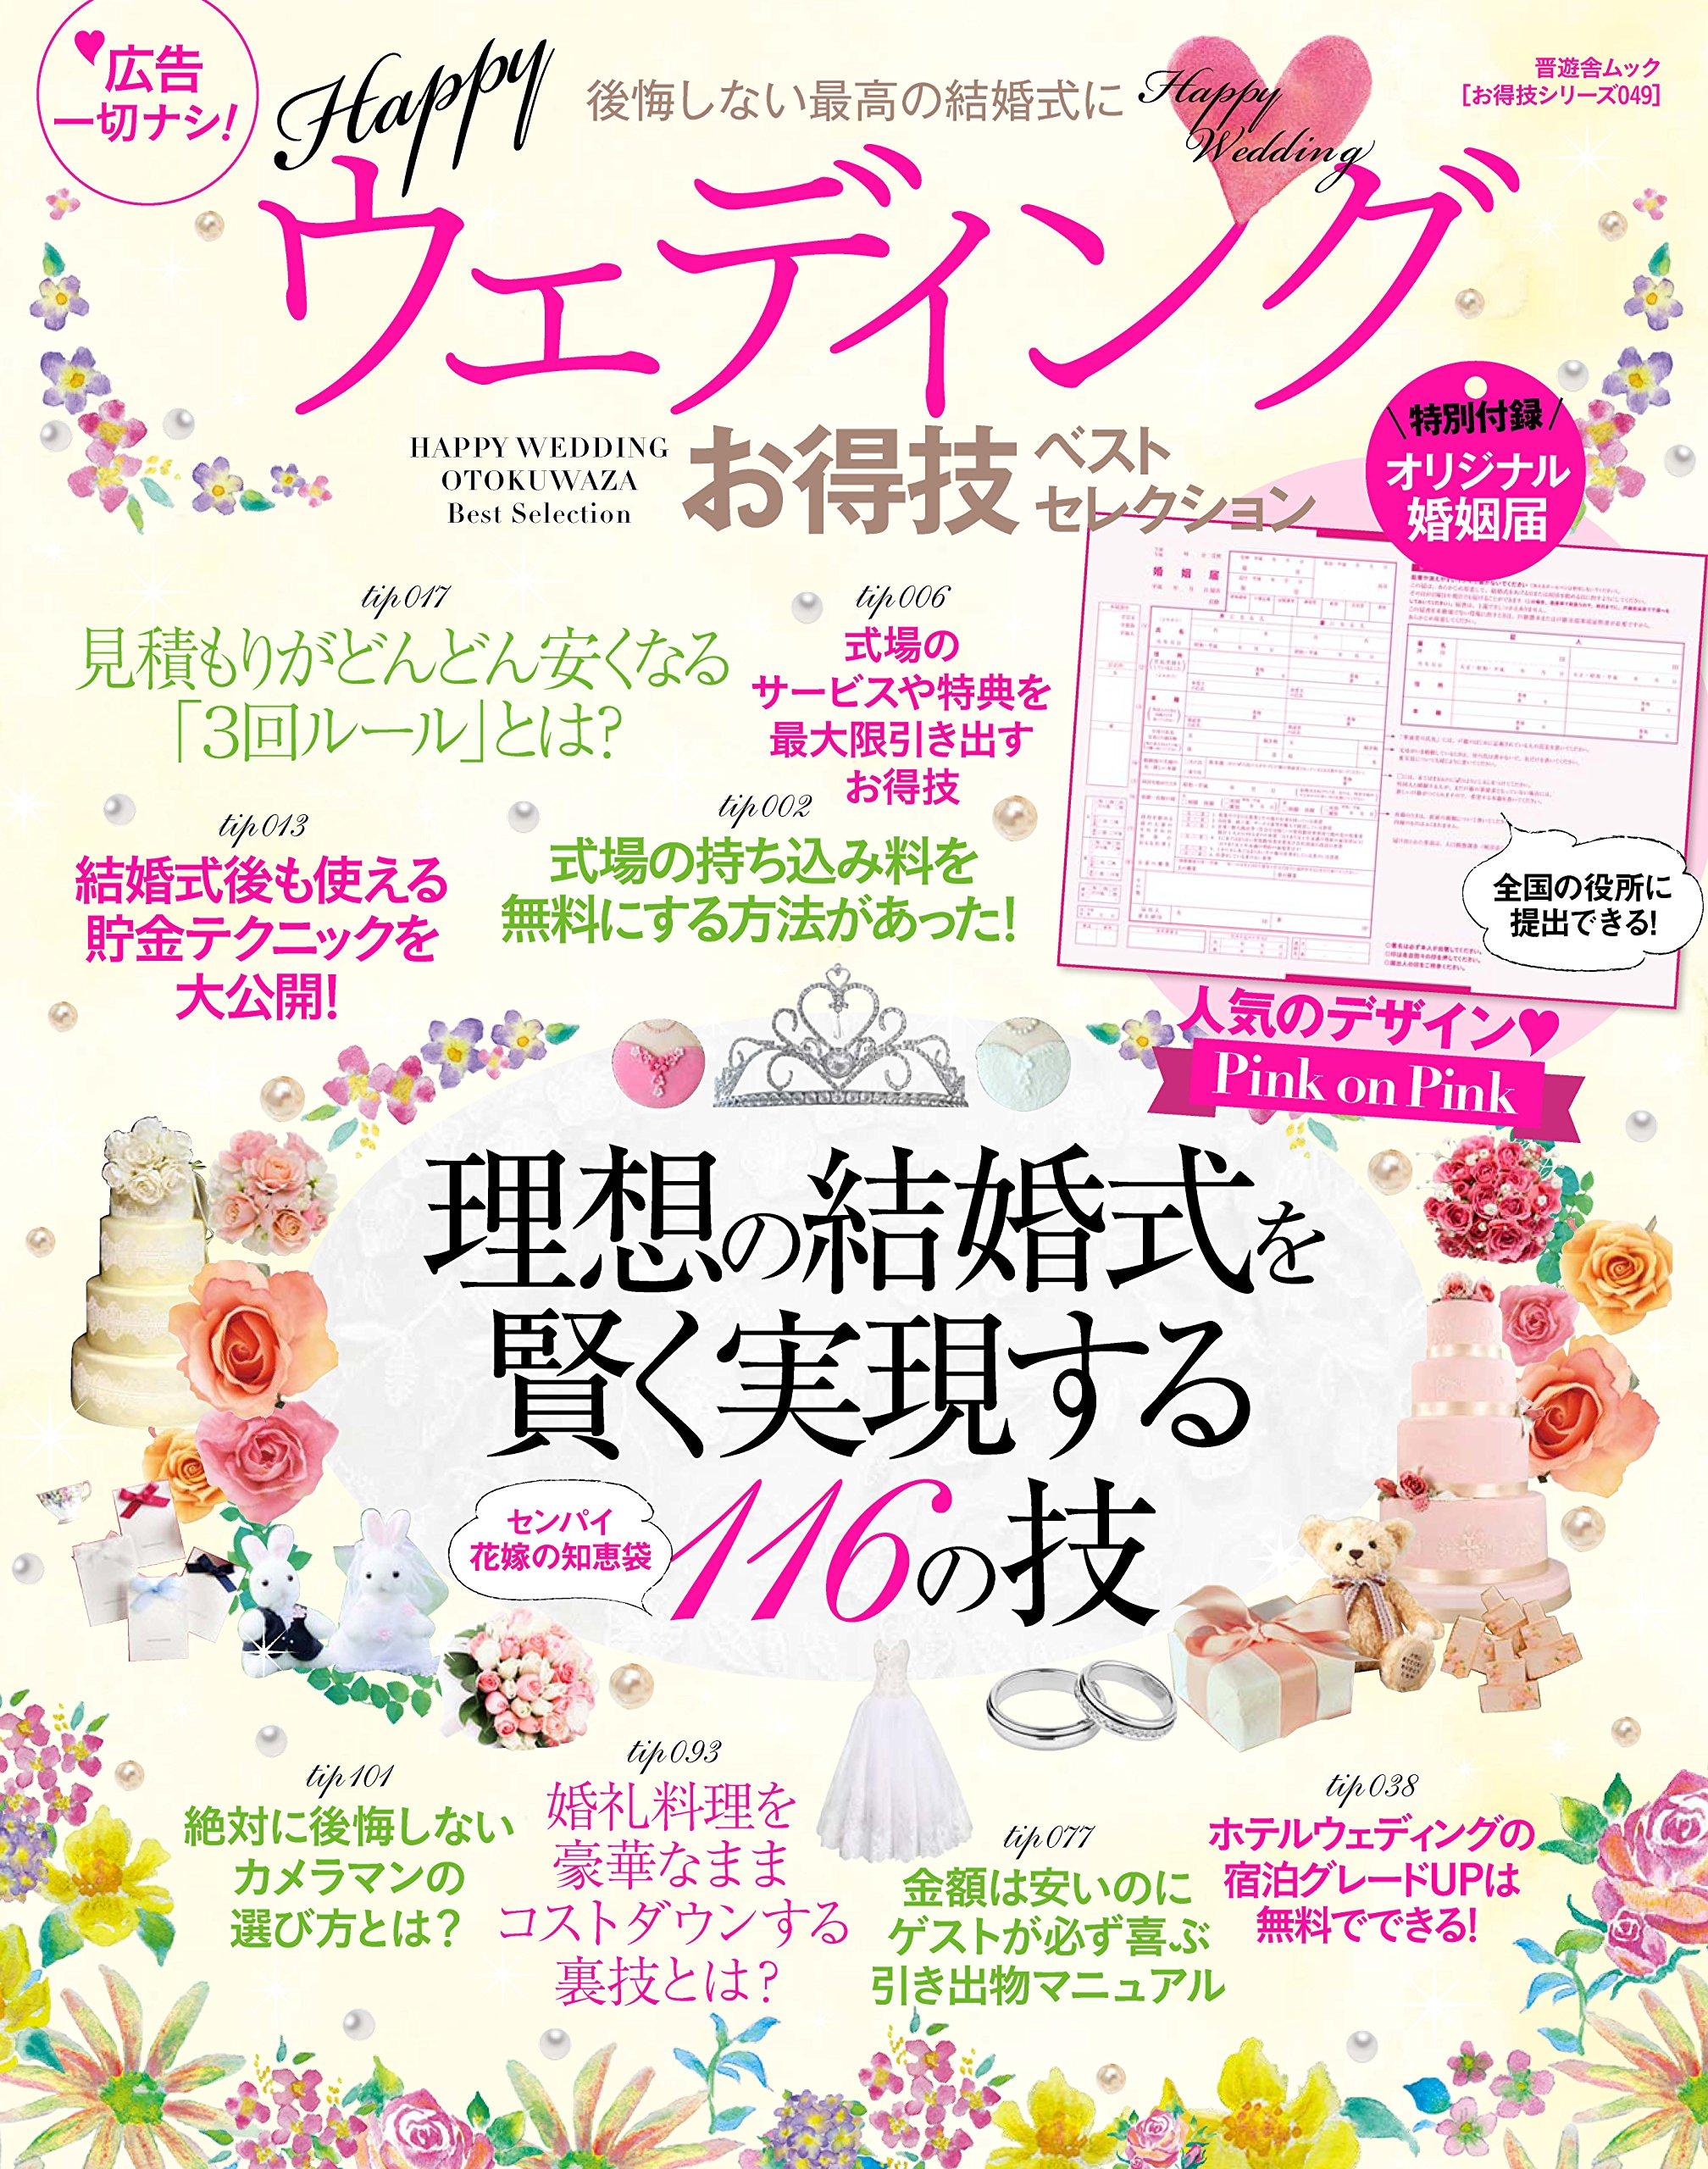 【お得技シリーズ049】Happyウェディングお得技ベストセレクション